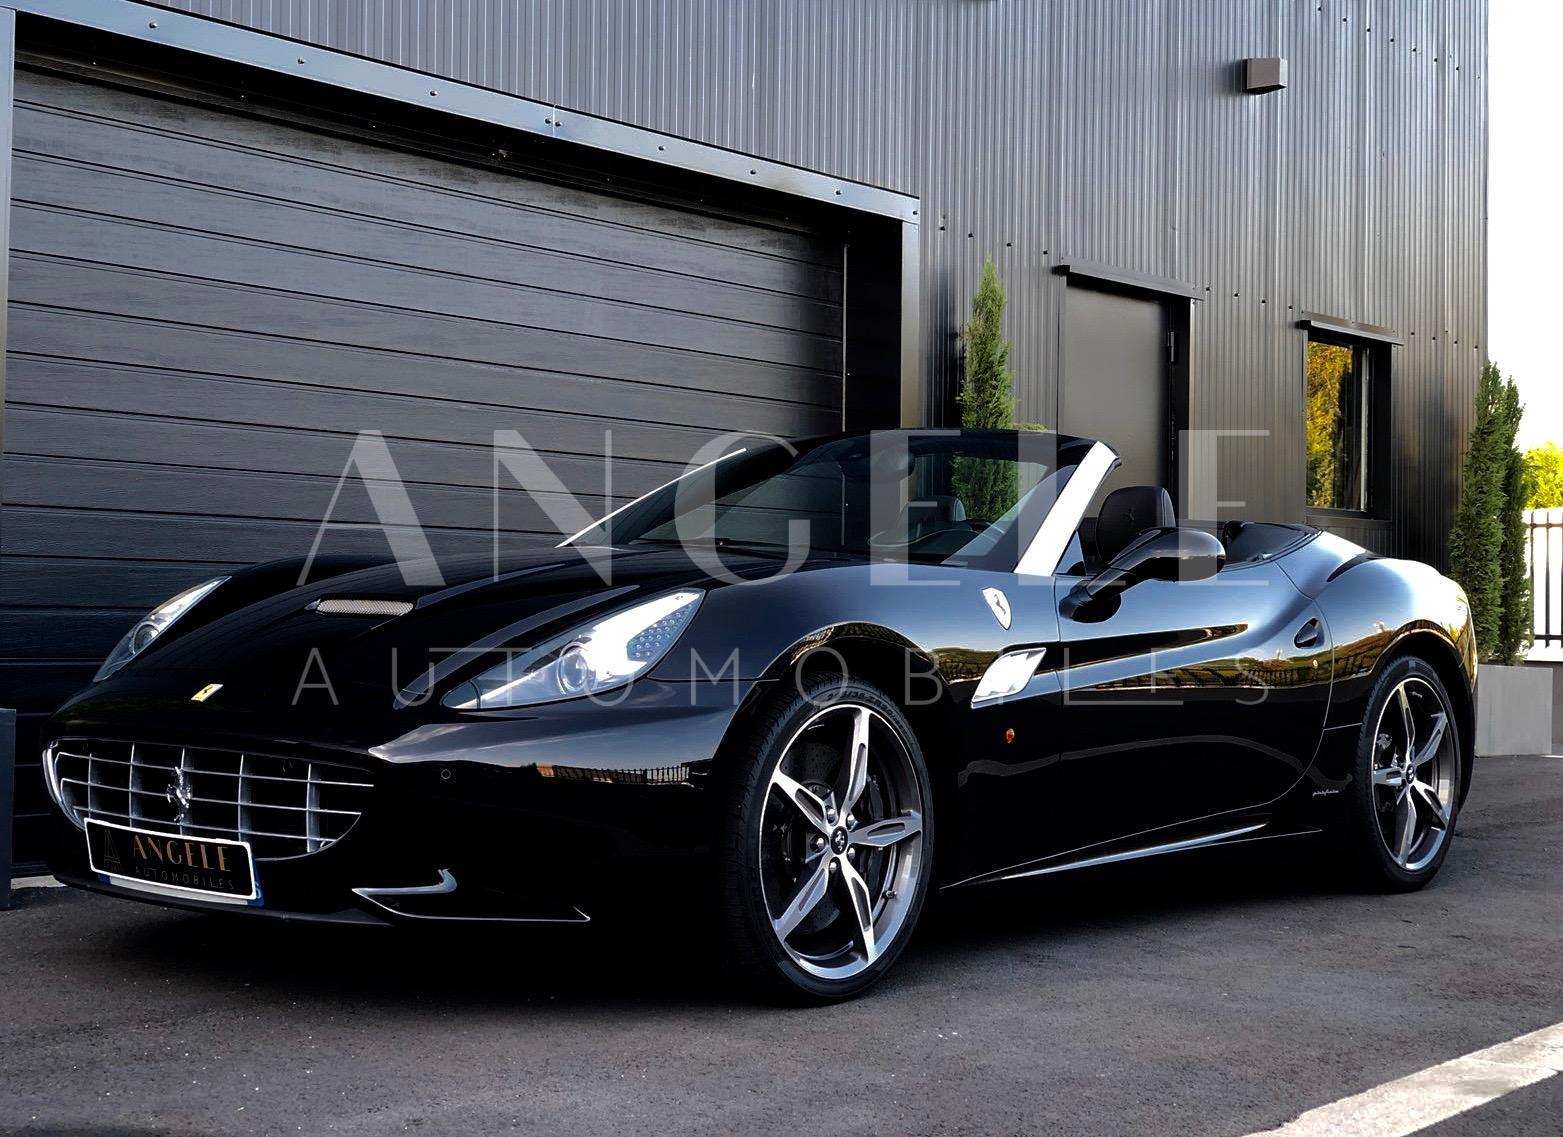 Ferrari California - Angele Automobiles